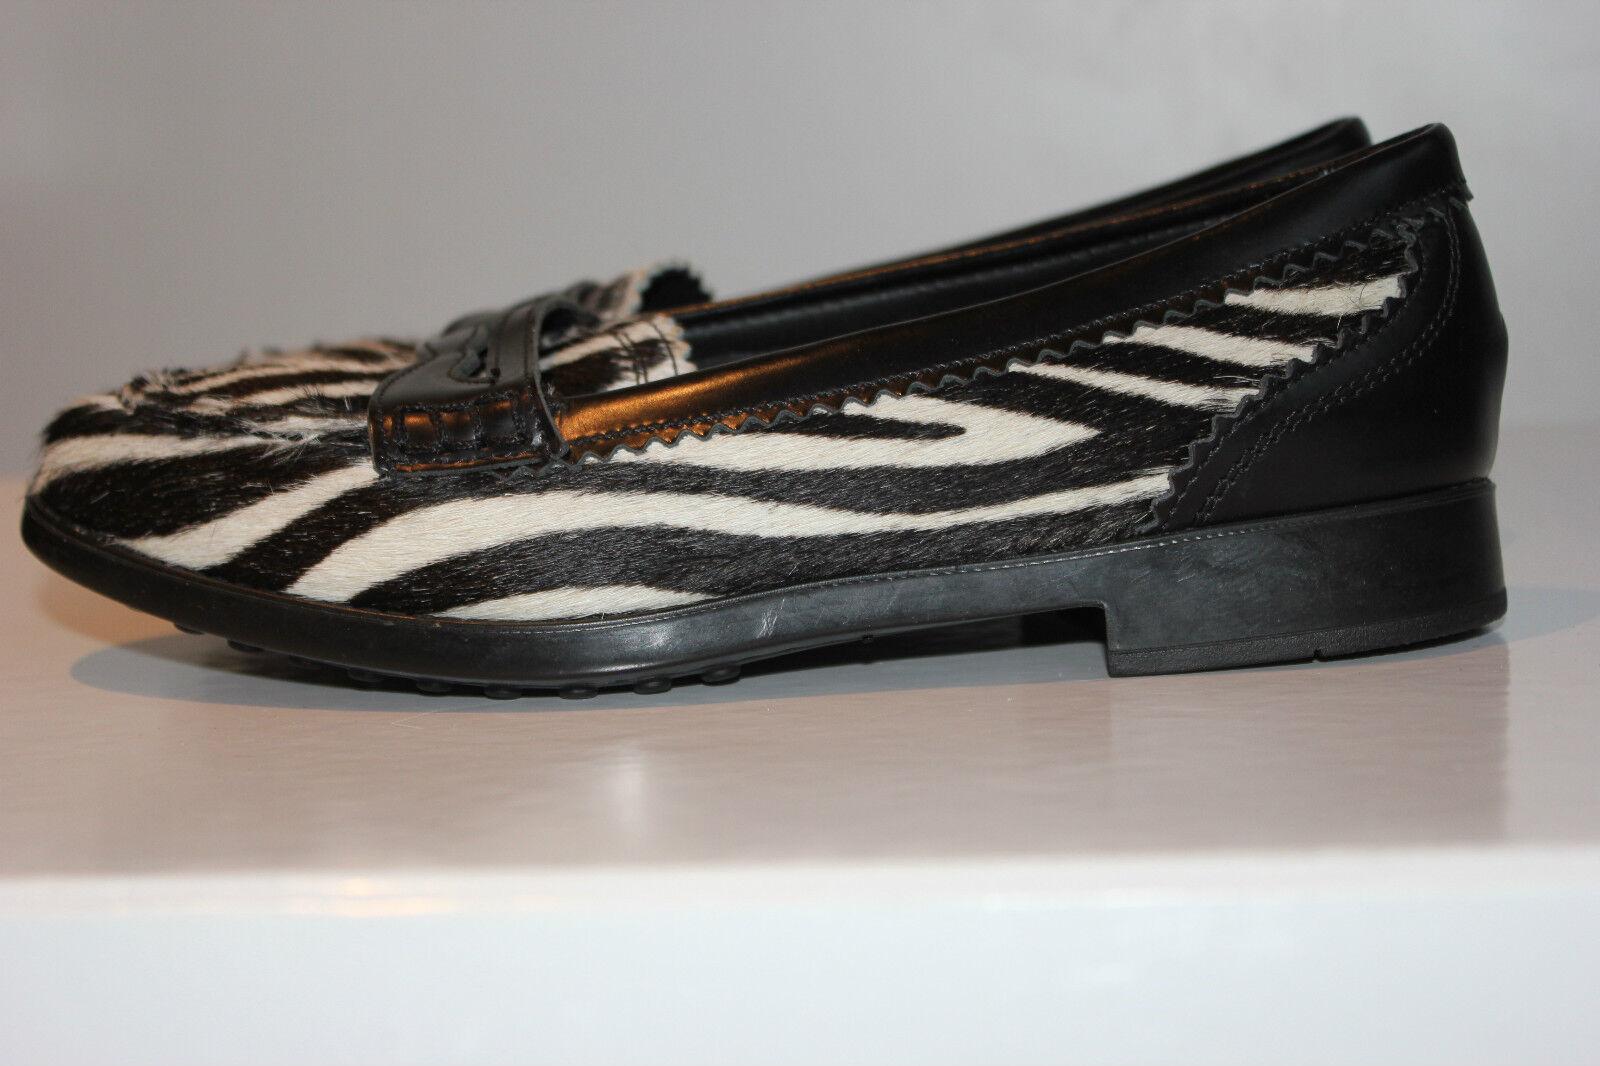 FABIO Echtleder RICCI Superschöner Zebra Pelz Echtleder FABIO Slippers, Gr. 36, Top Zustand 45e88e